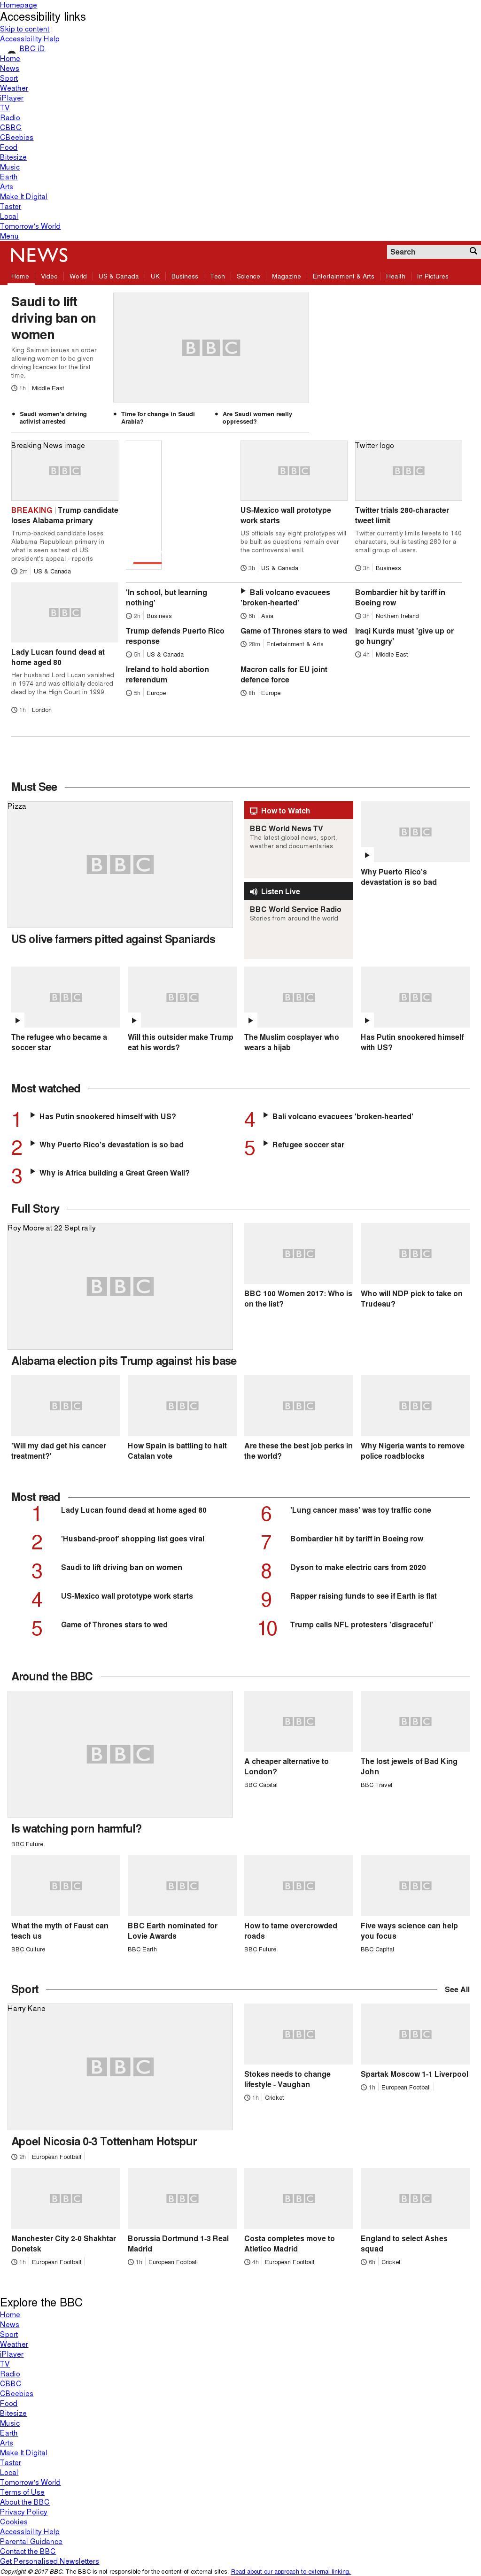 BBC at Wednesday Sept. 27, 2017, 2 a.m. UTC